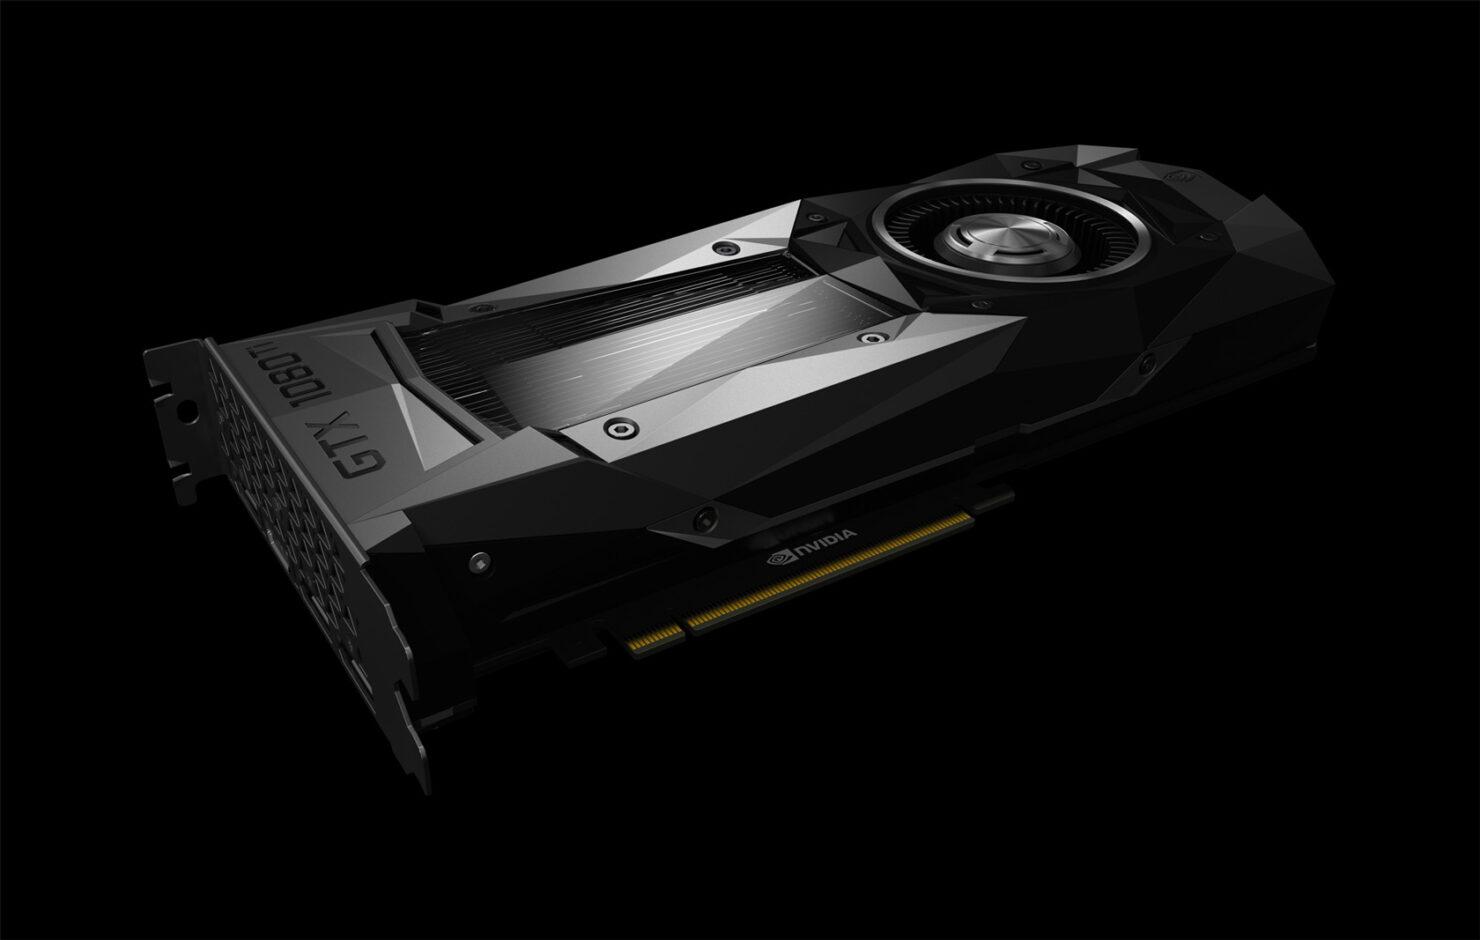 nvidia-geforce-gtx-1080-ti-graphics-card_4